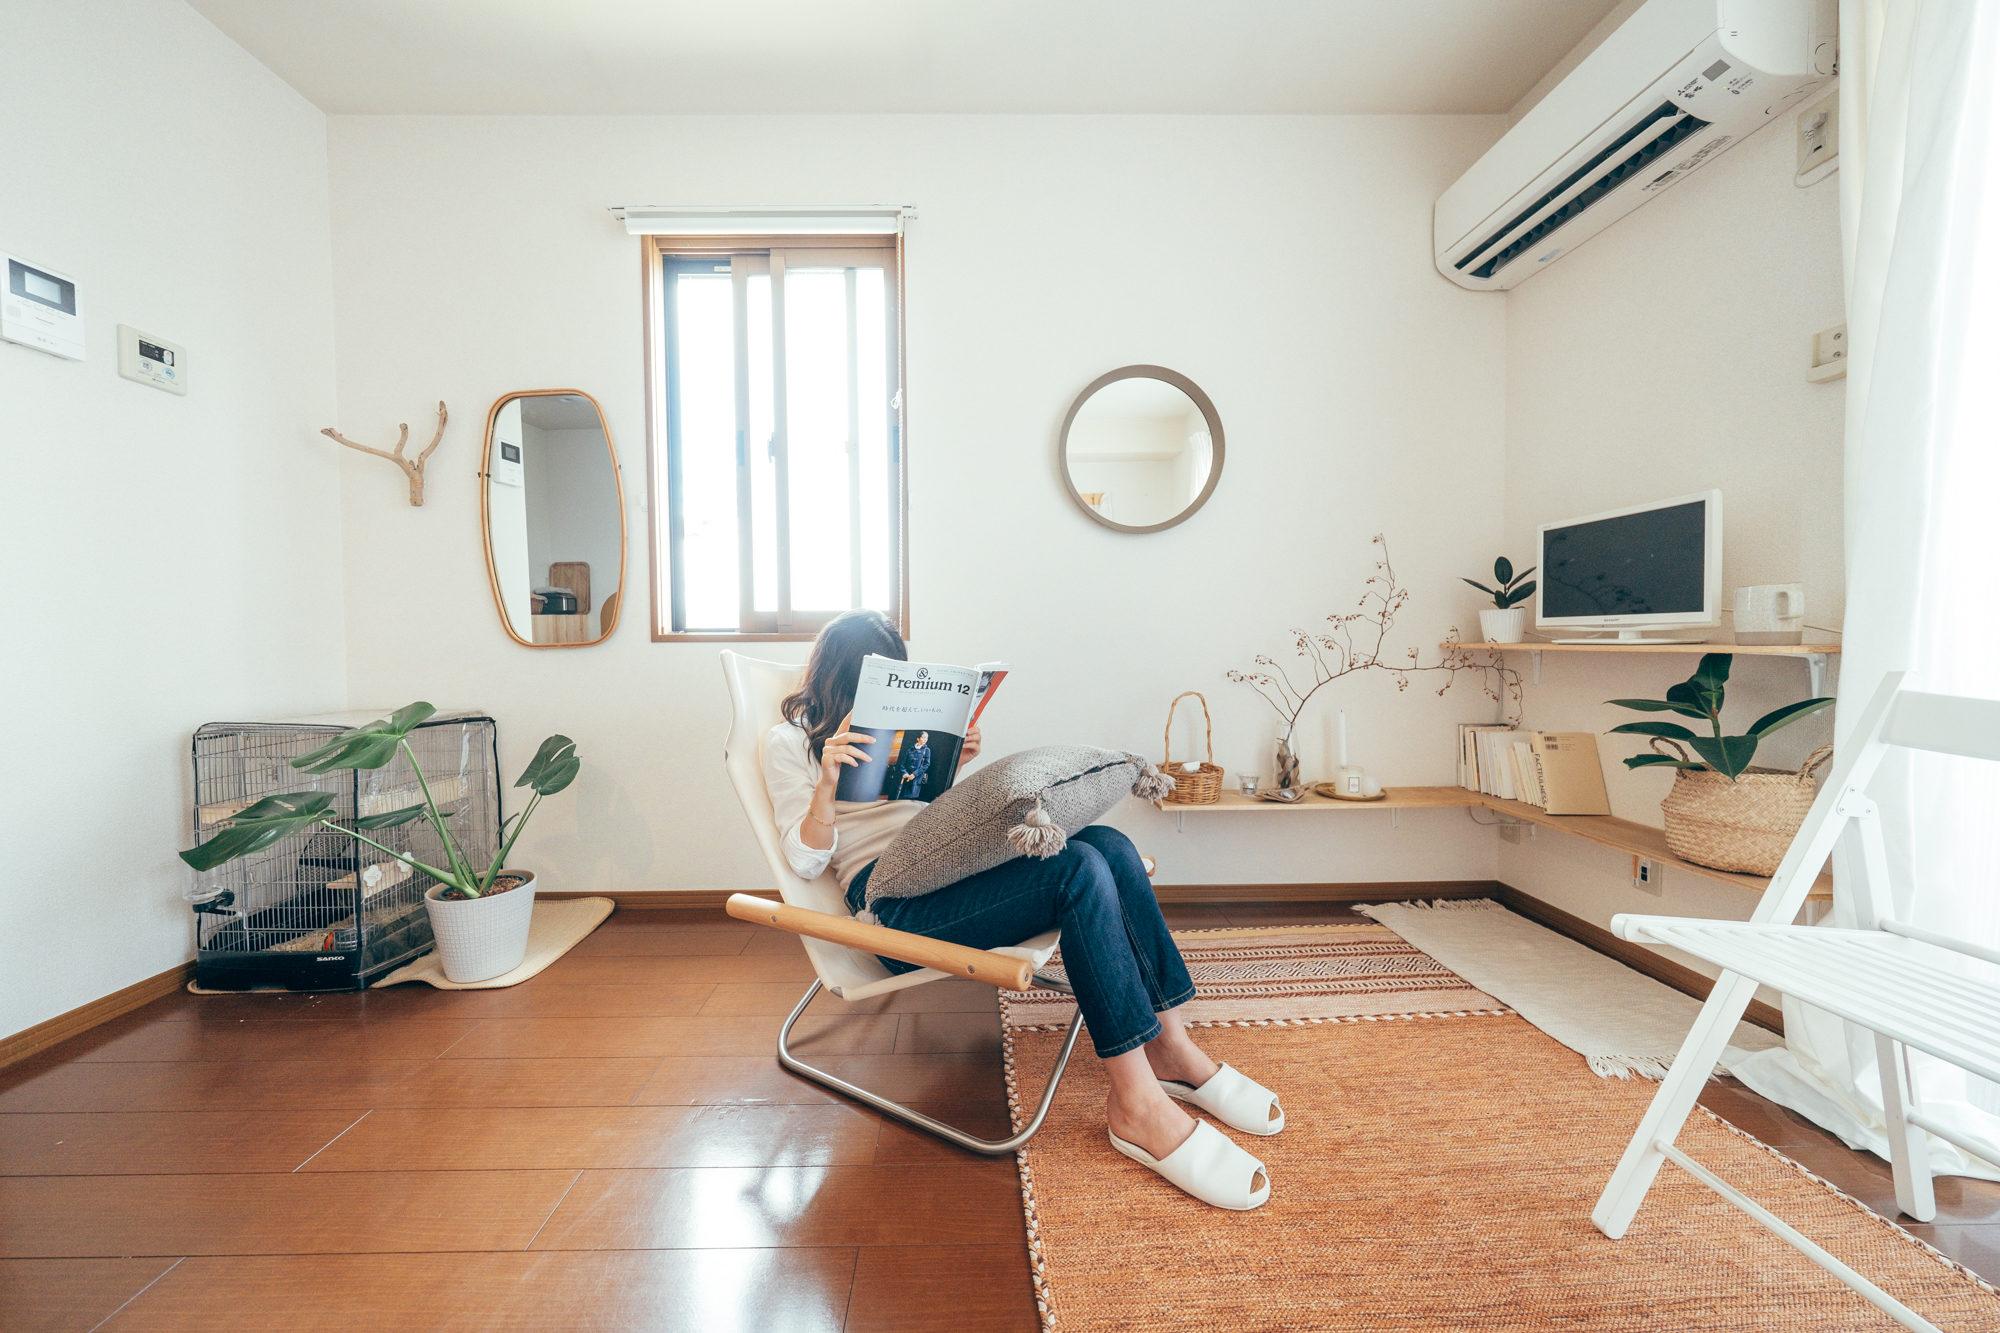 テレビや雑誌、パソコンで映画を楽しむ居間の空間には、最近購入されたというニーチェアがありました。 「ネットで見つけて一目惚れでした模様替えもよくするので移動しやすいくて良いです。」